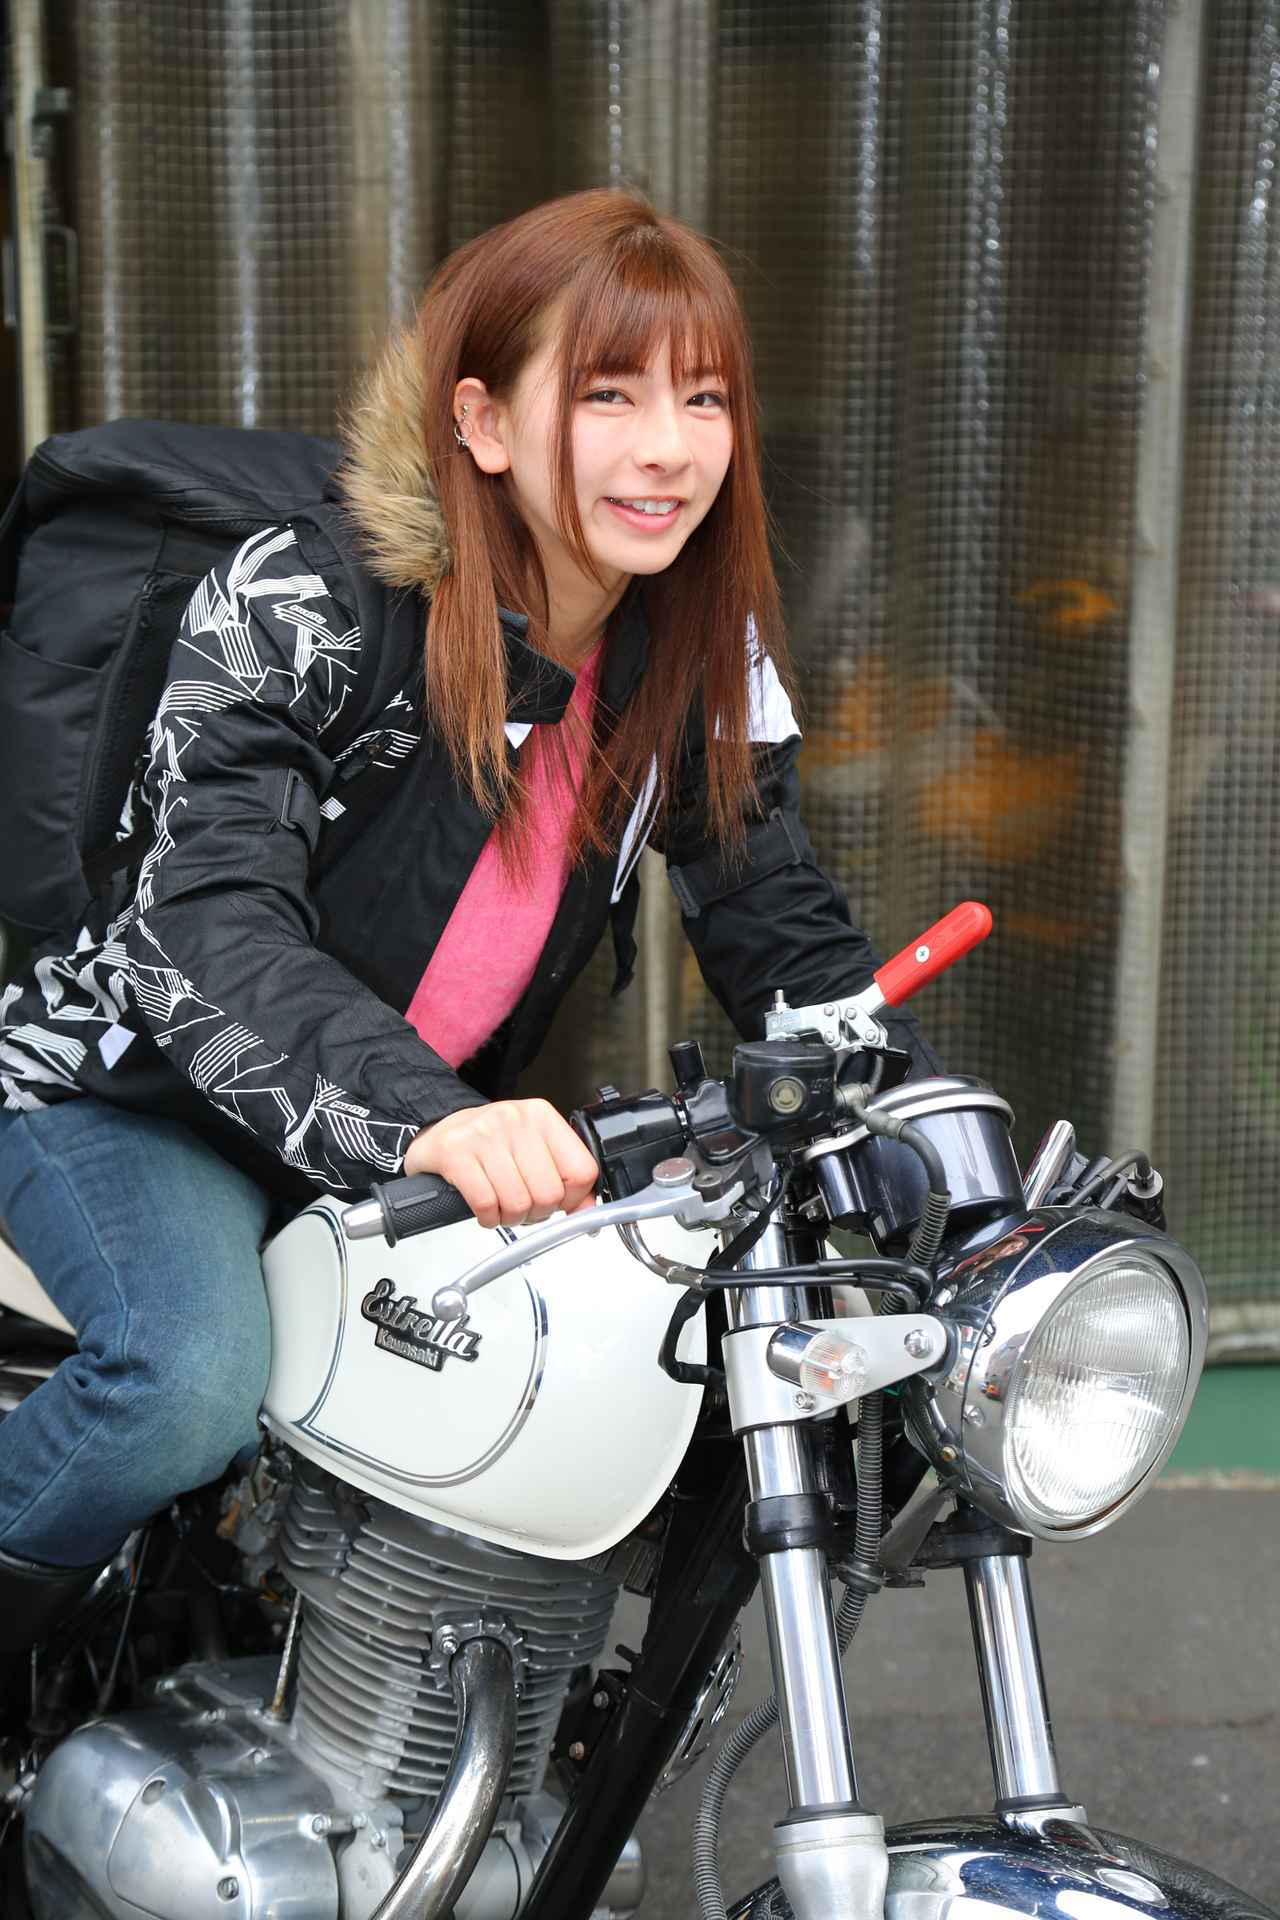 Images : 2番目の画像 - 「ピッタリのハンドルが見つかるかも! ハリケーンの体験車両で楽しもう!【大阪モーターサイクルショー2019】」のアルバム - webオートバイ